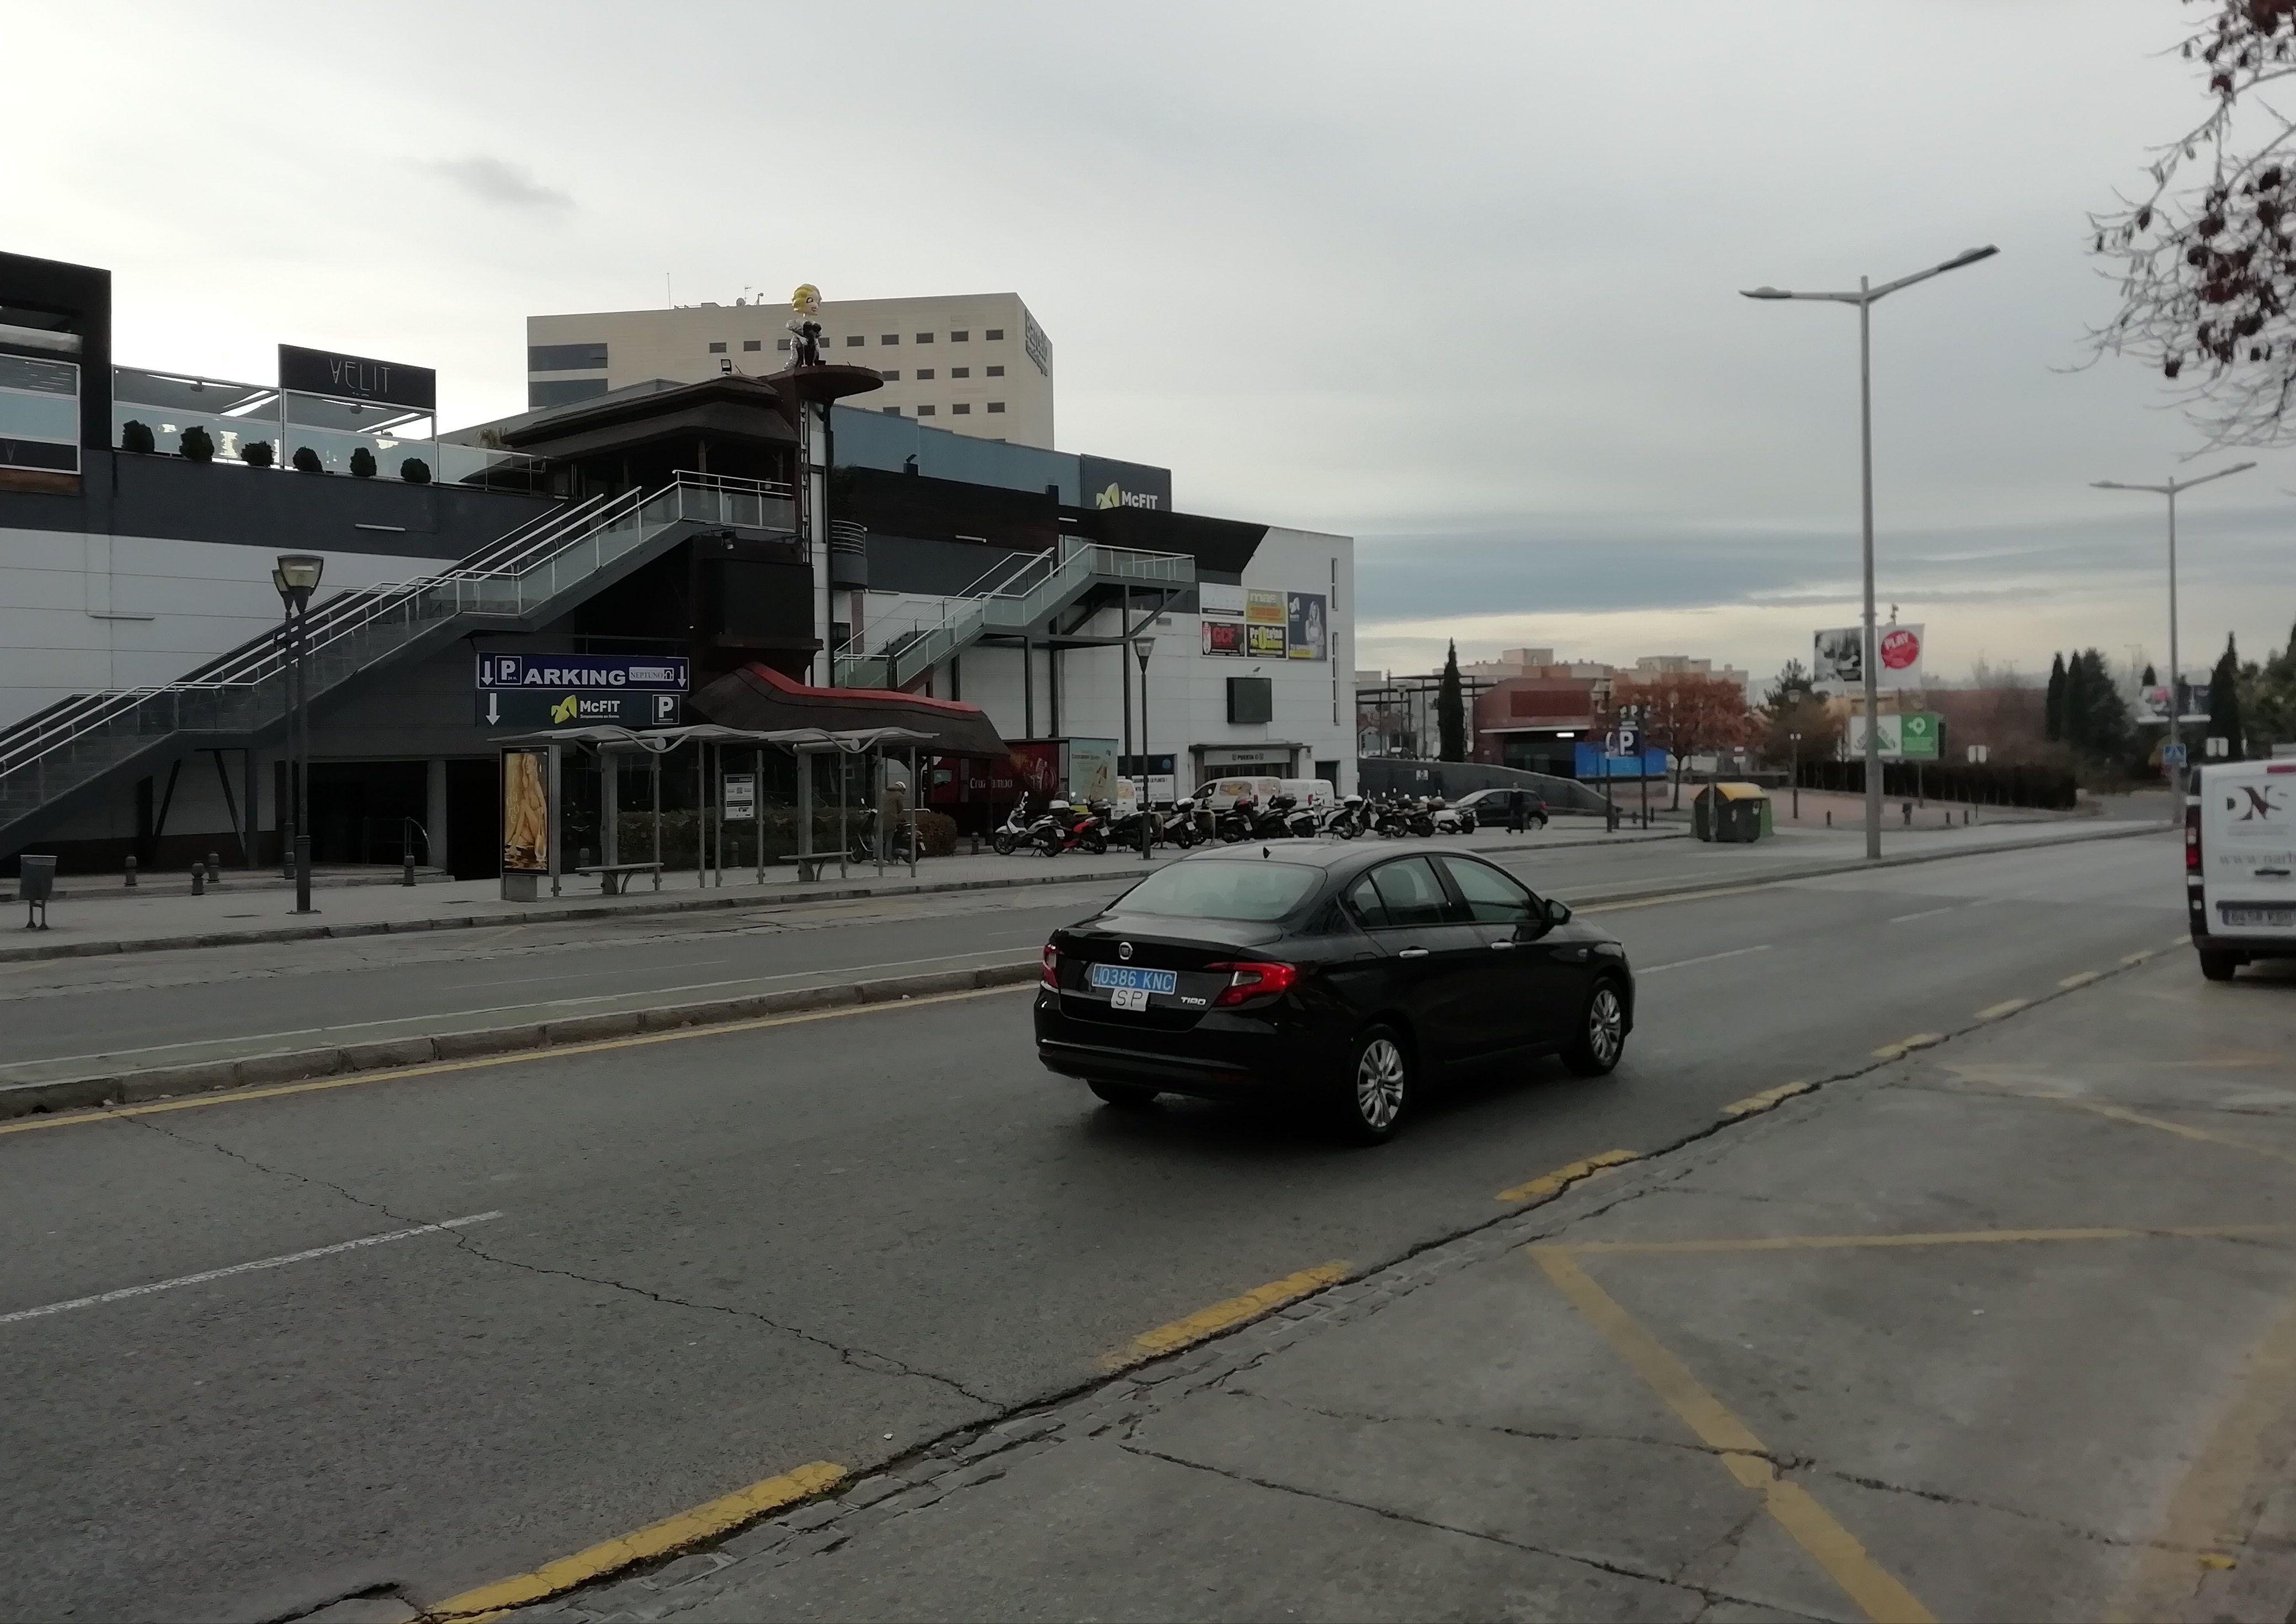 El juez amplía las medidas cautelares que impiden al Ayuntamiento limitar los accesos de coches VTC